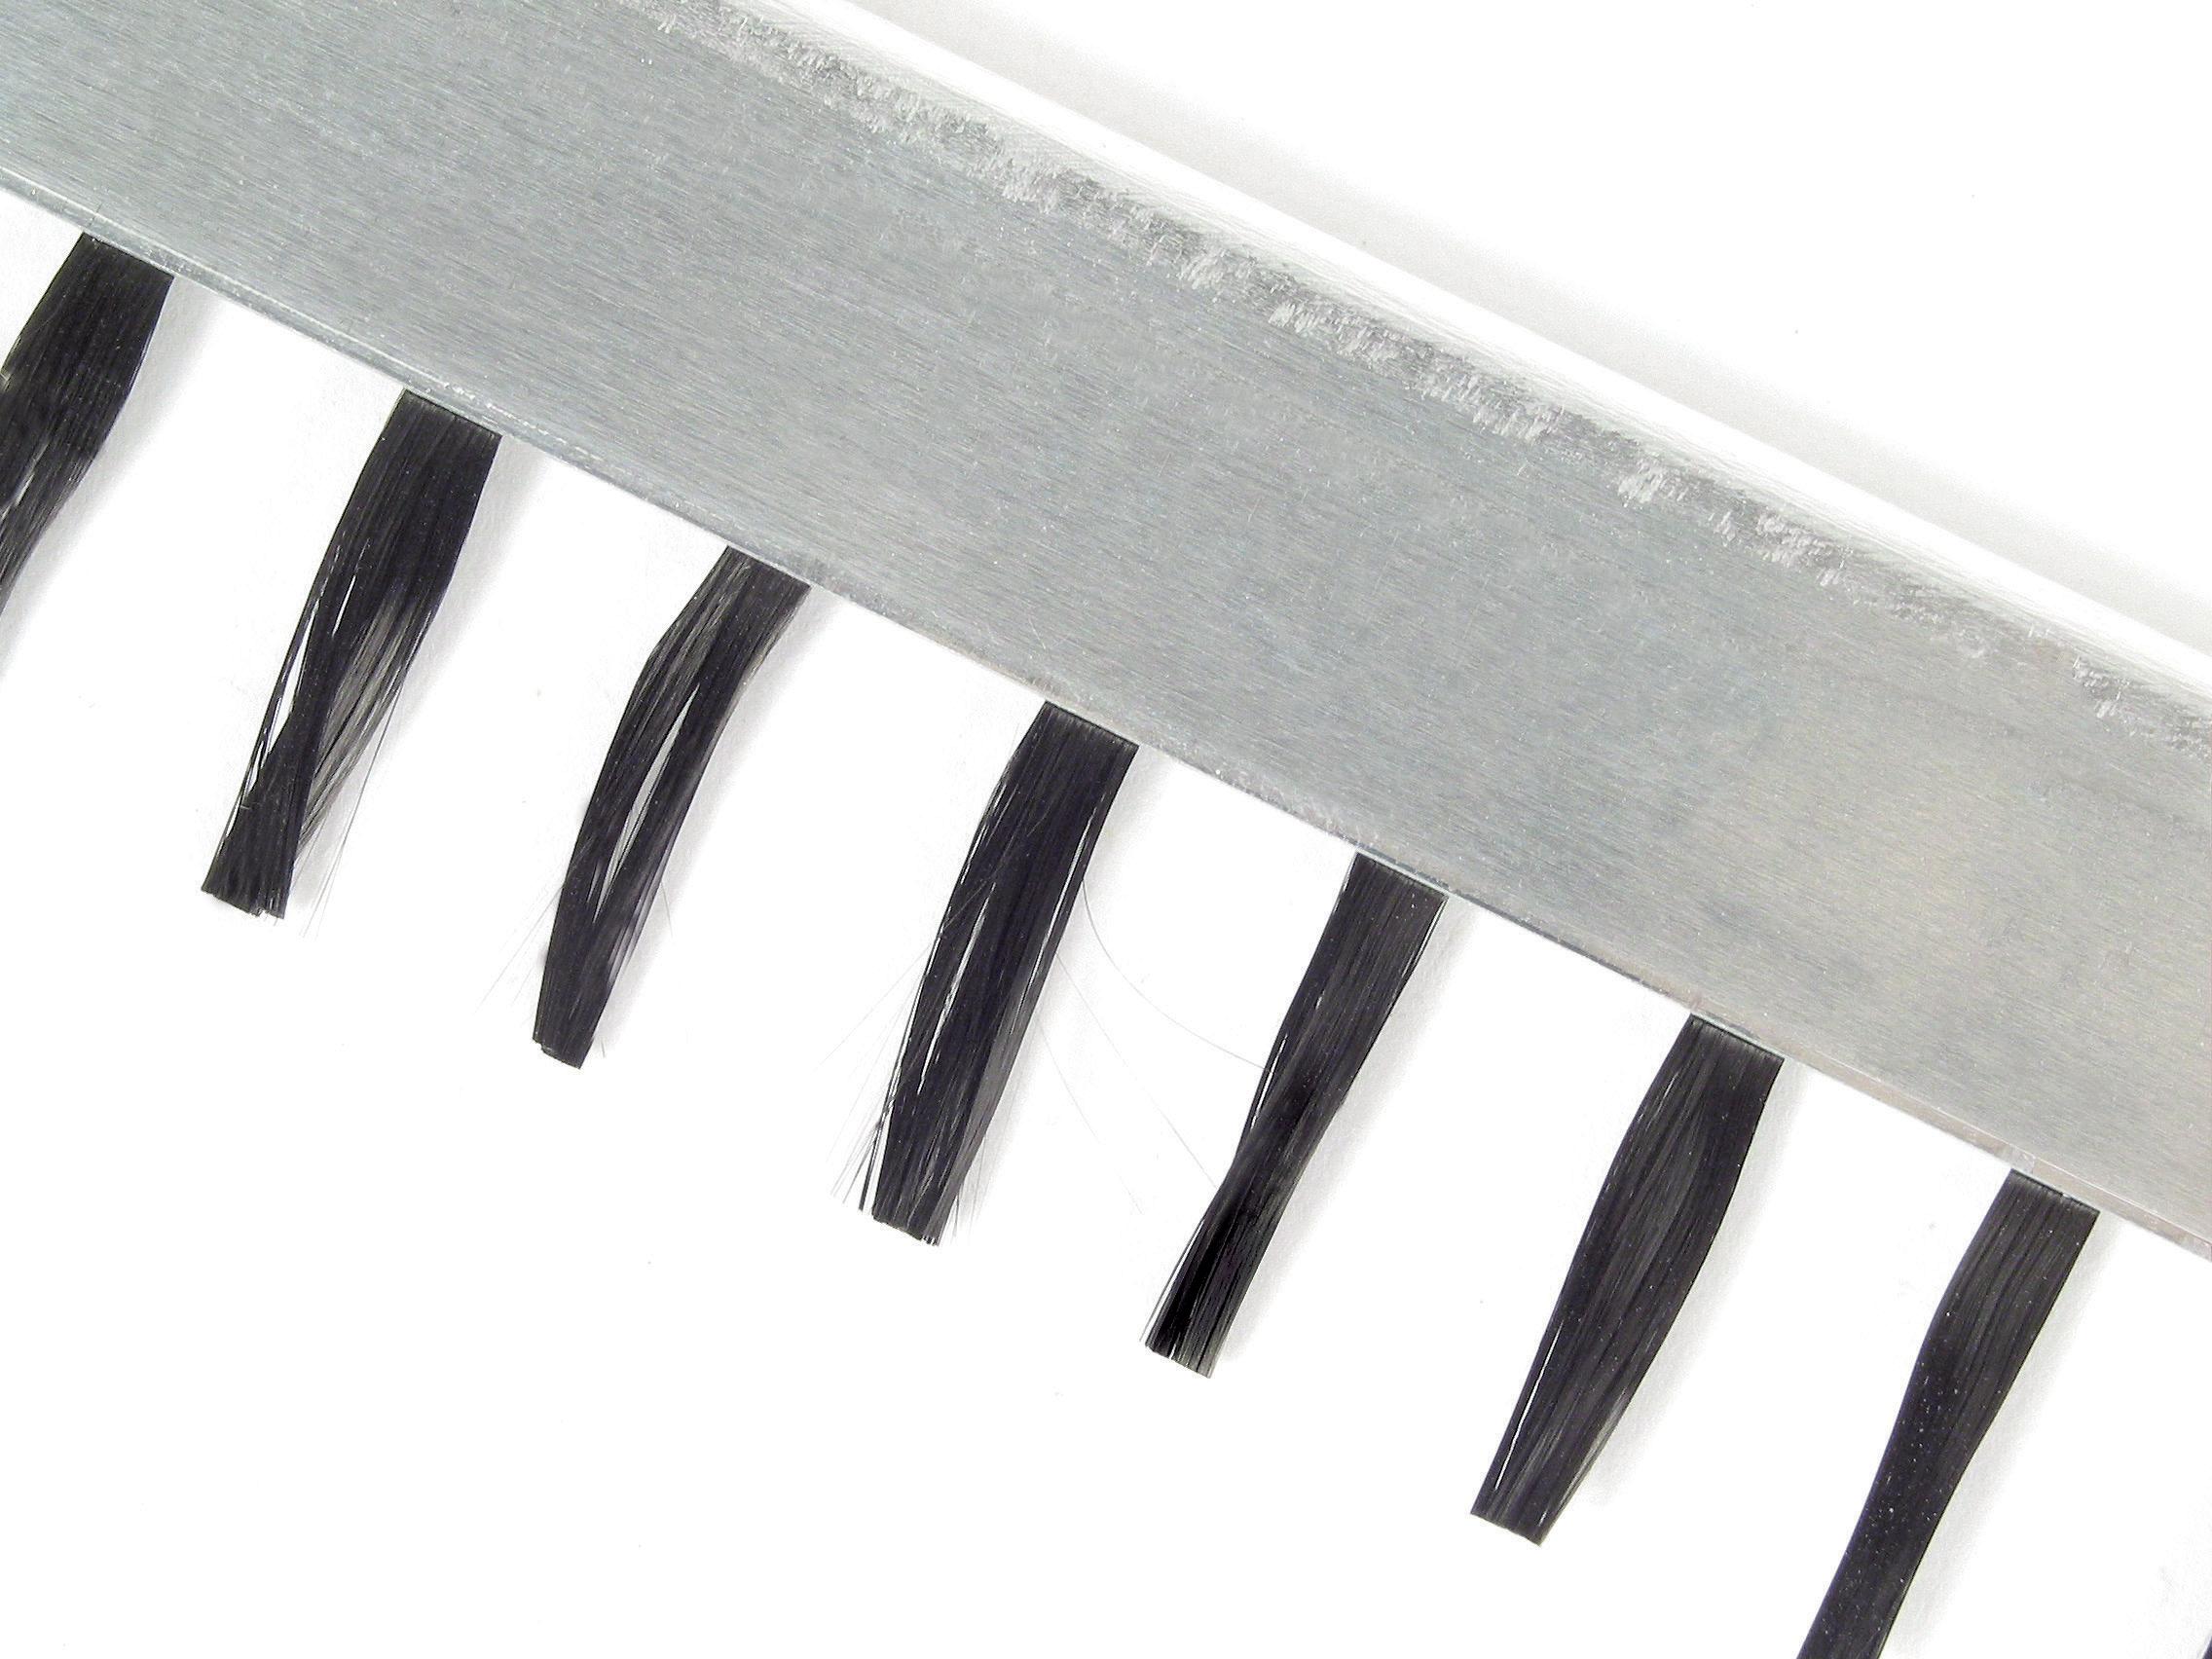 Antistatic brush - For sensitive surfaces - Carbon fibre bristles -